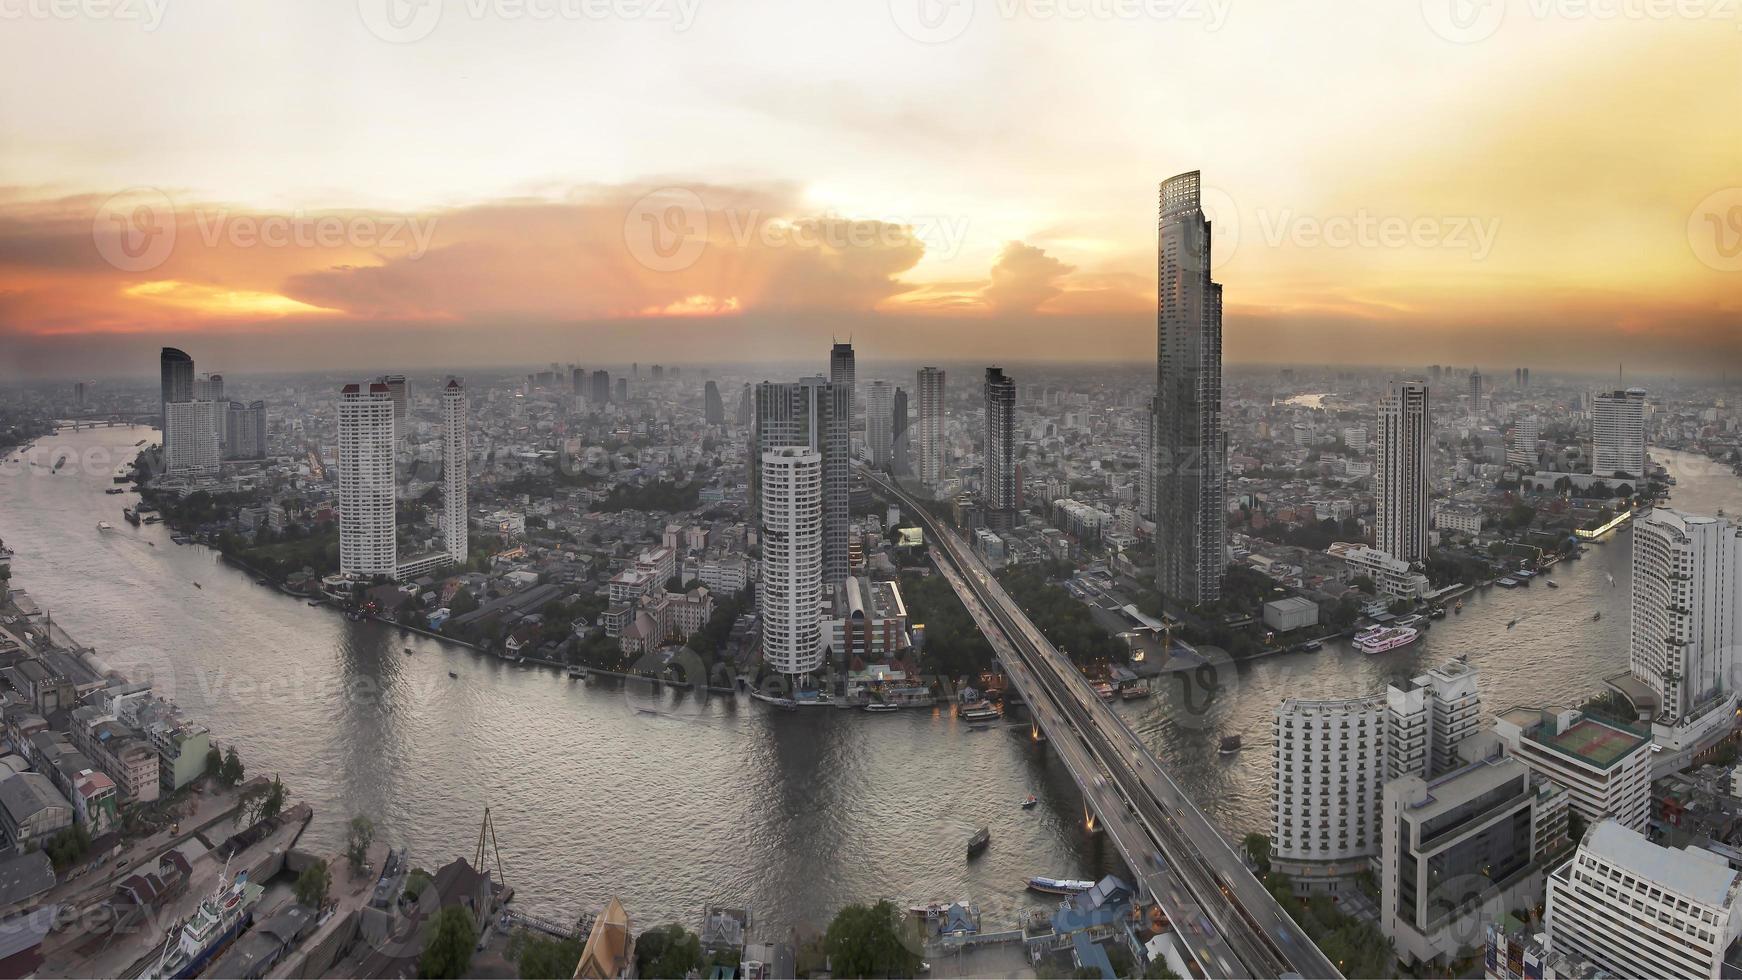 veduta aerea di bangkok sera sui grattacieli del centro. foto